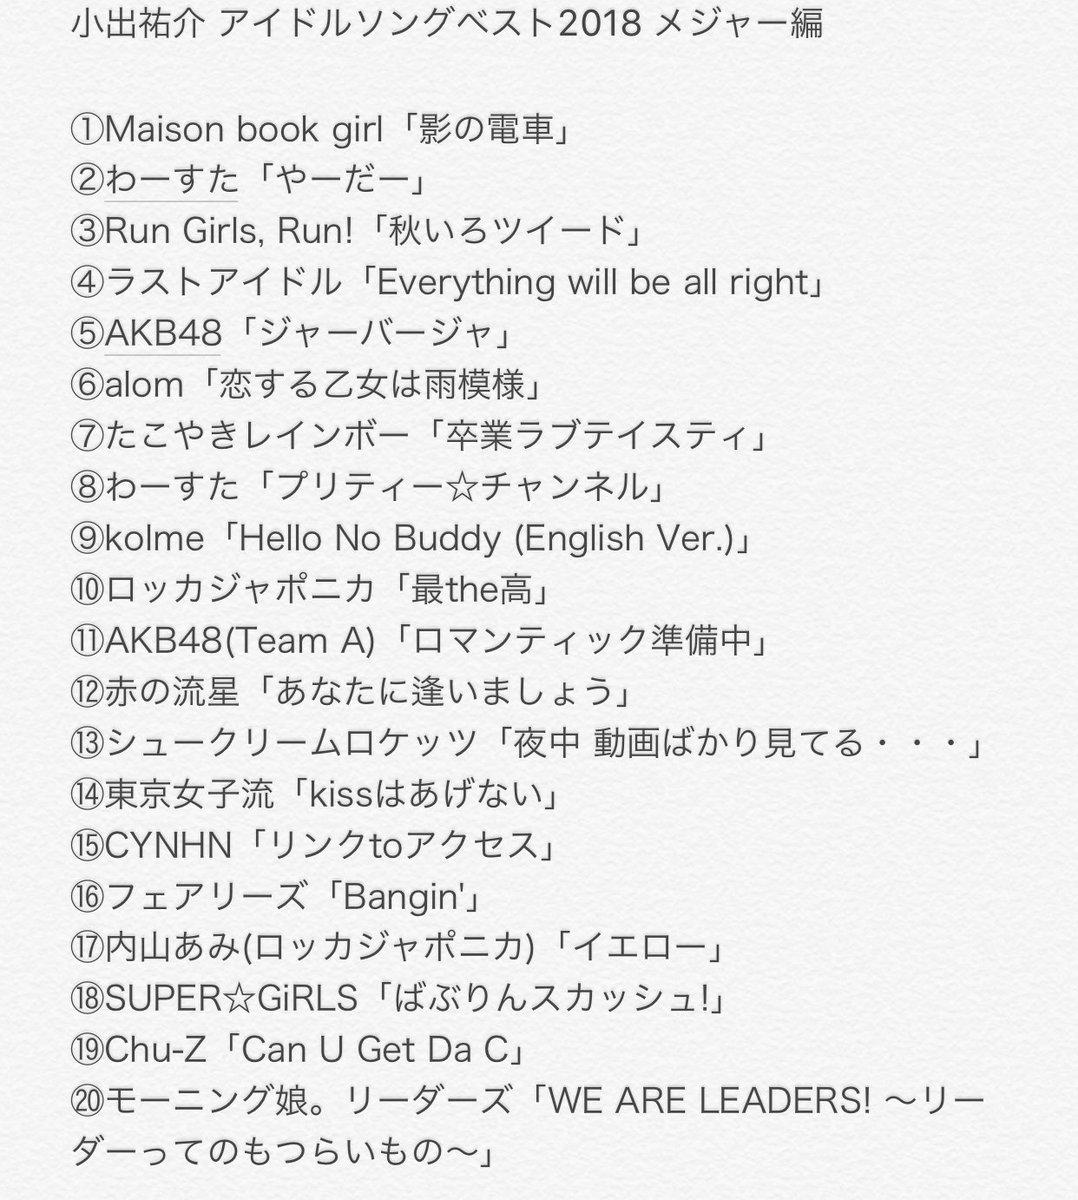 【速報】 宇多丸が選ぶアイドルソング2018が発表されたよー